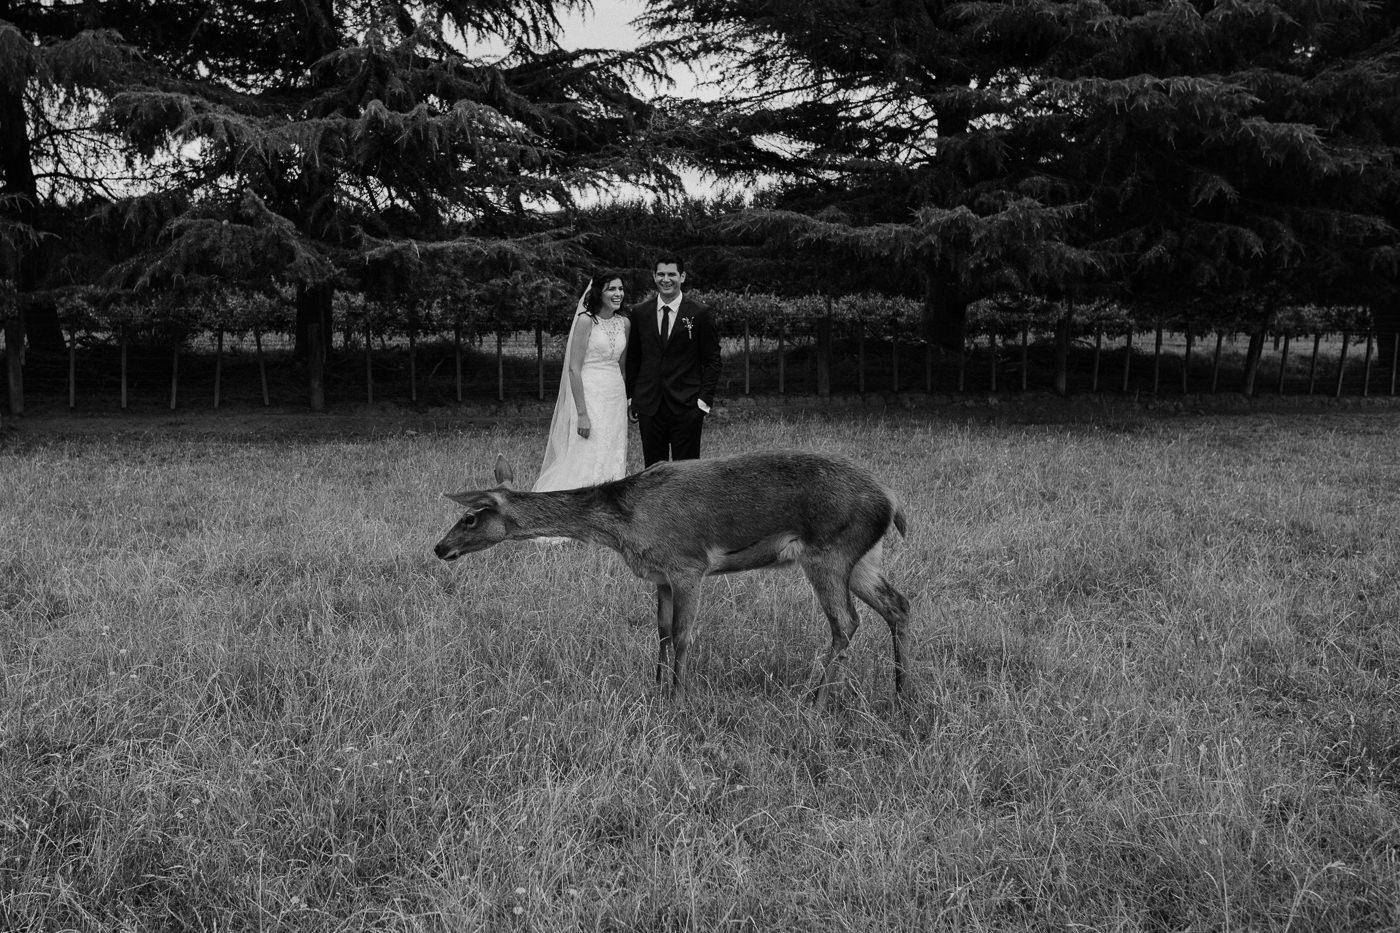 nz_wedding_photographer_gisborne-1057.jpg